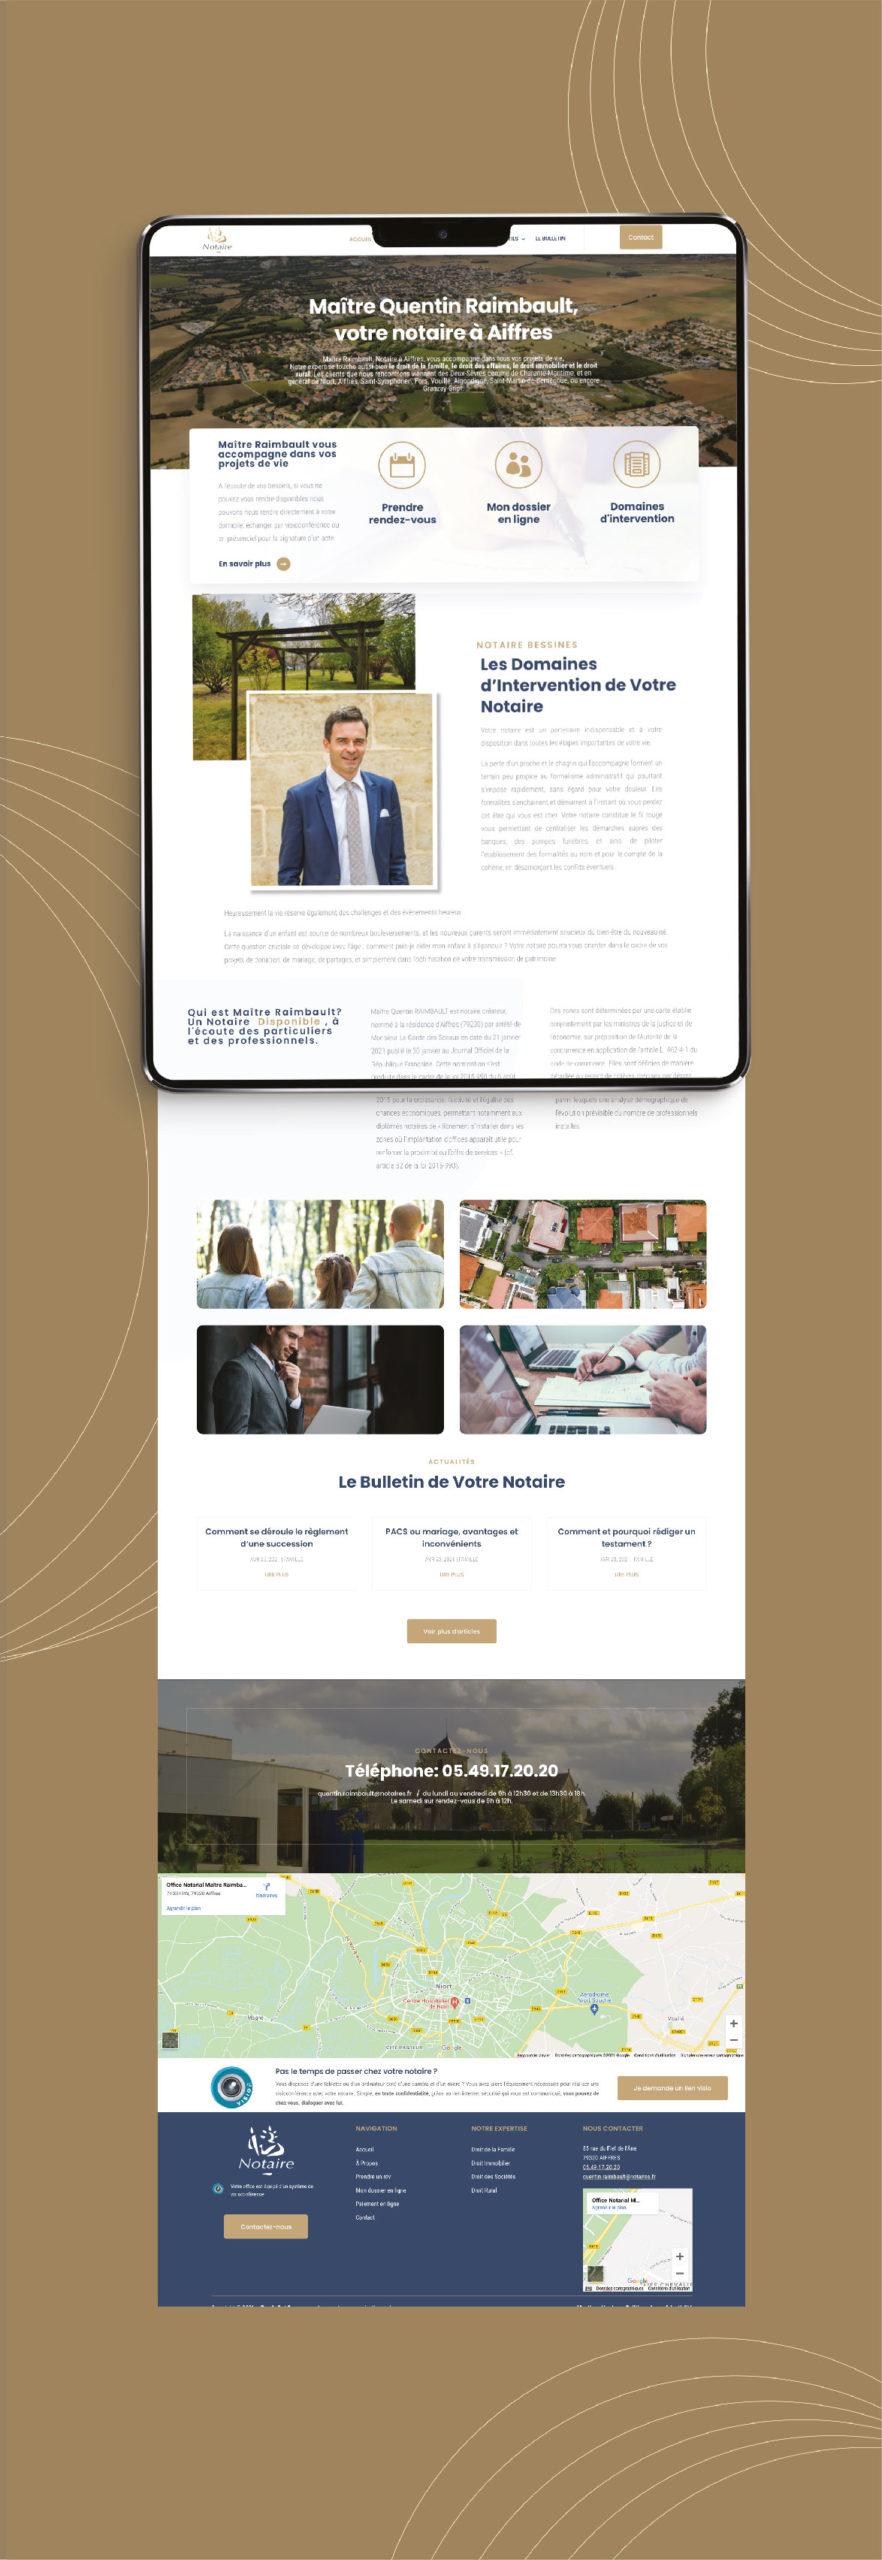 Création du site internet de Maître Raimbault - notaire à Aiffres 2